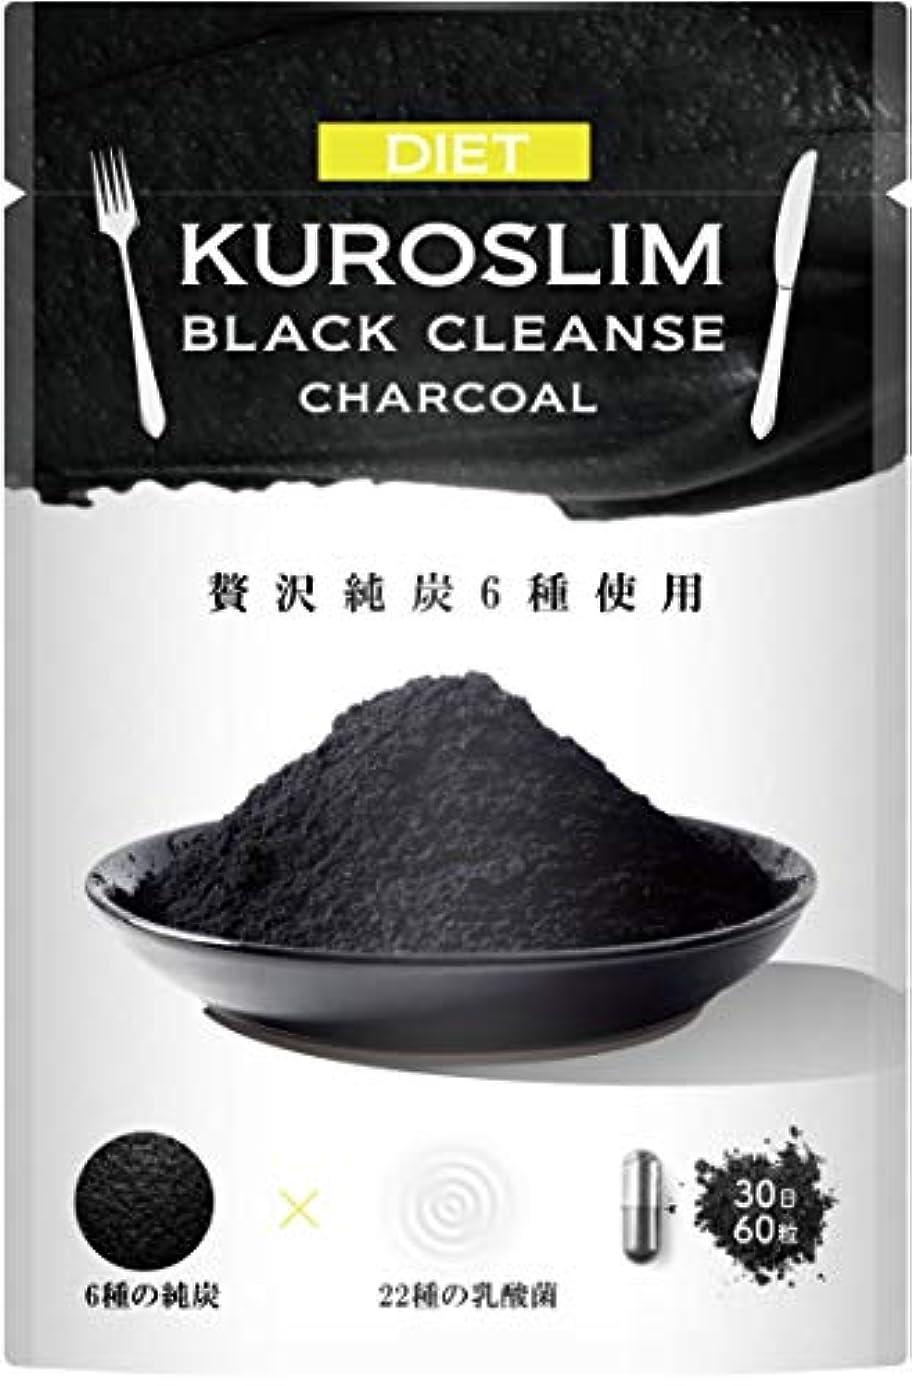 肘掛け椅子重荷和炭 ダイエットサプリ KUROSLIM 6種の純炭 乳酸菌 60粒30日分